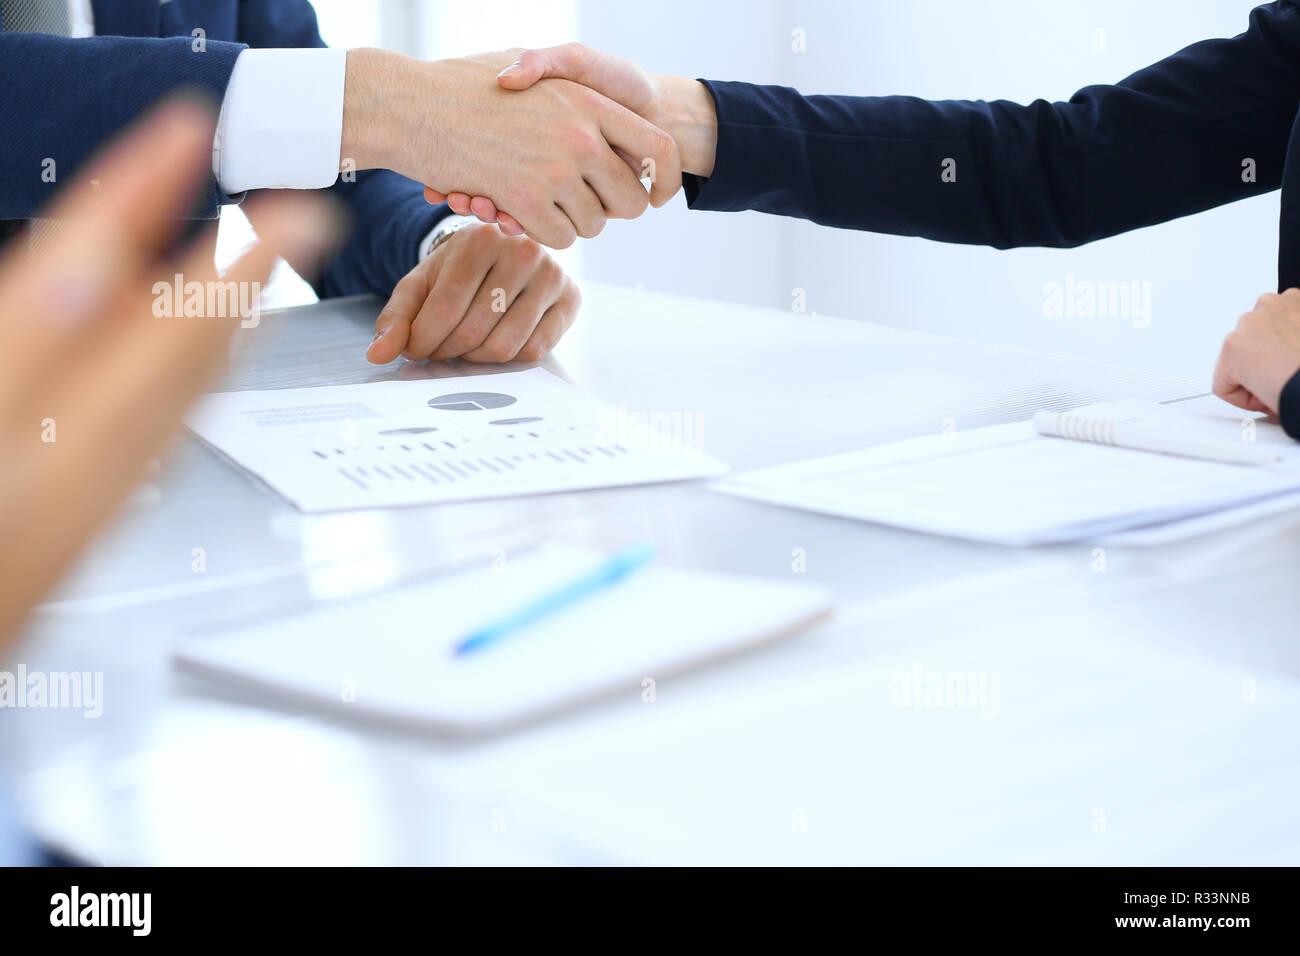 Grupo de empresarios o abogados, un apretón de manos, terminando una reunión , cerca. El éxito en la negociación y conceptos de handshake Foto de stock